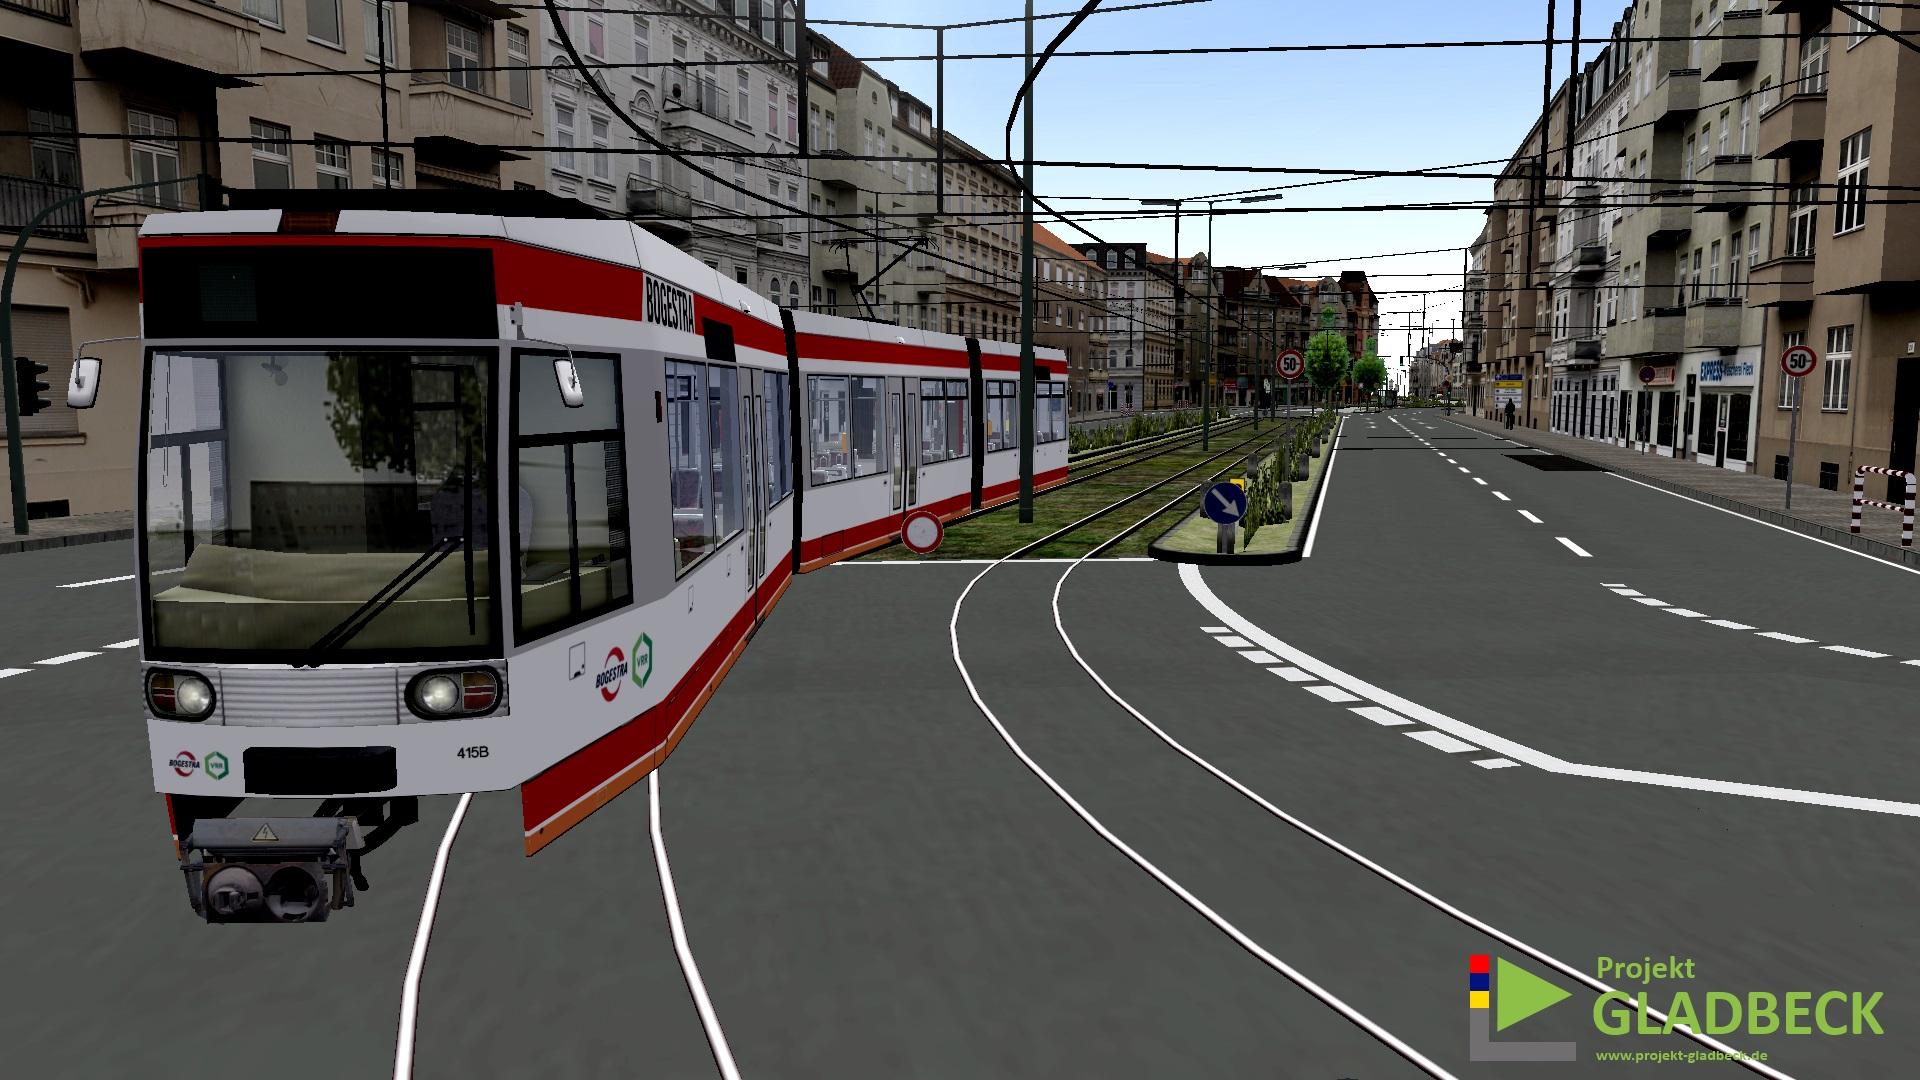 Gelsenkirchen strassenbahn essen Trams in